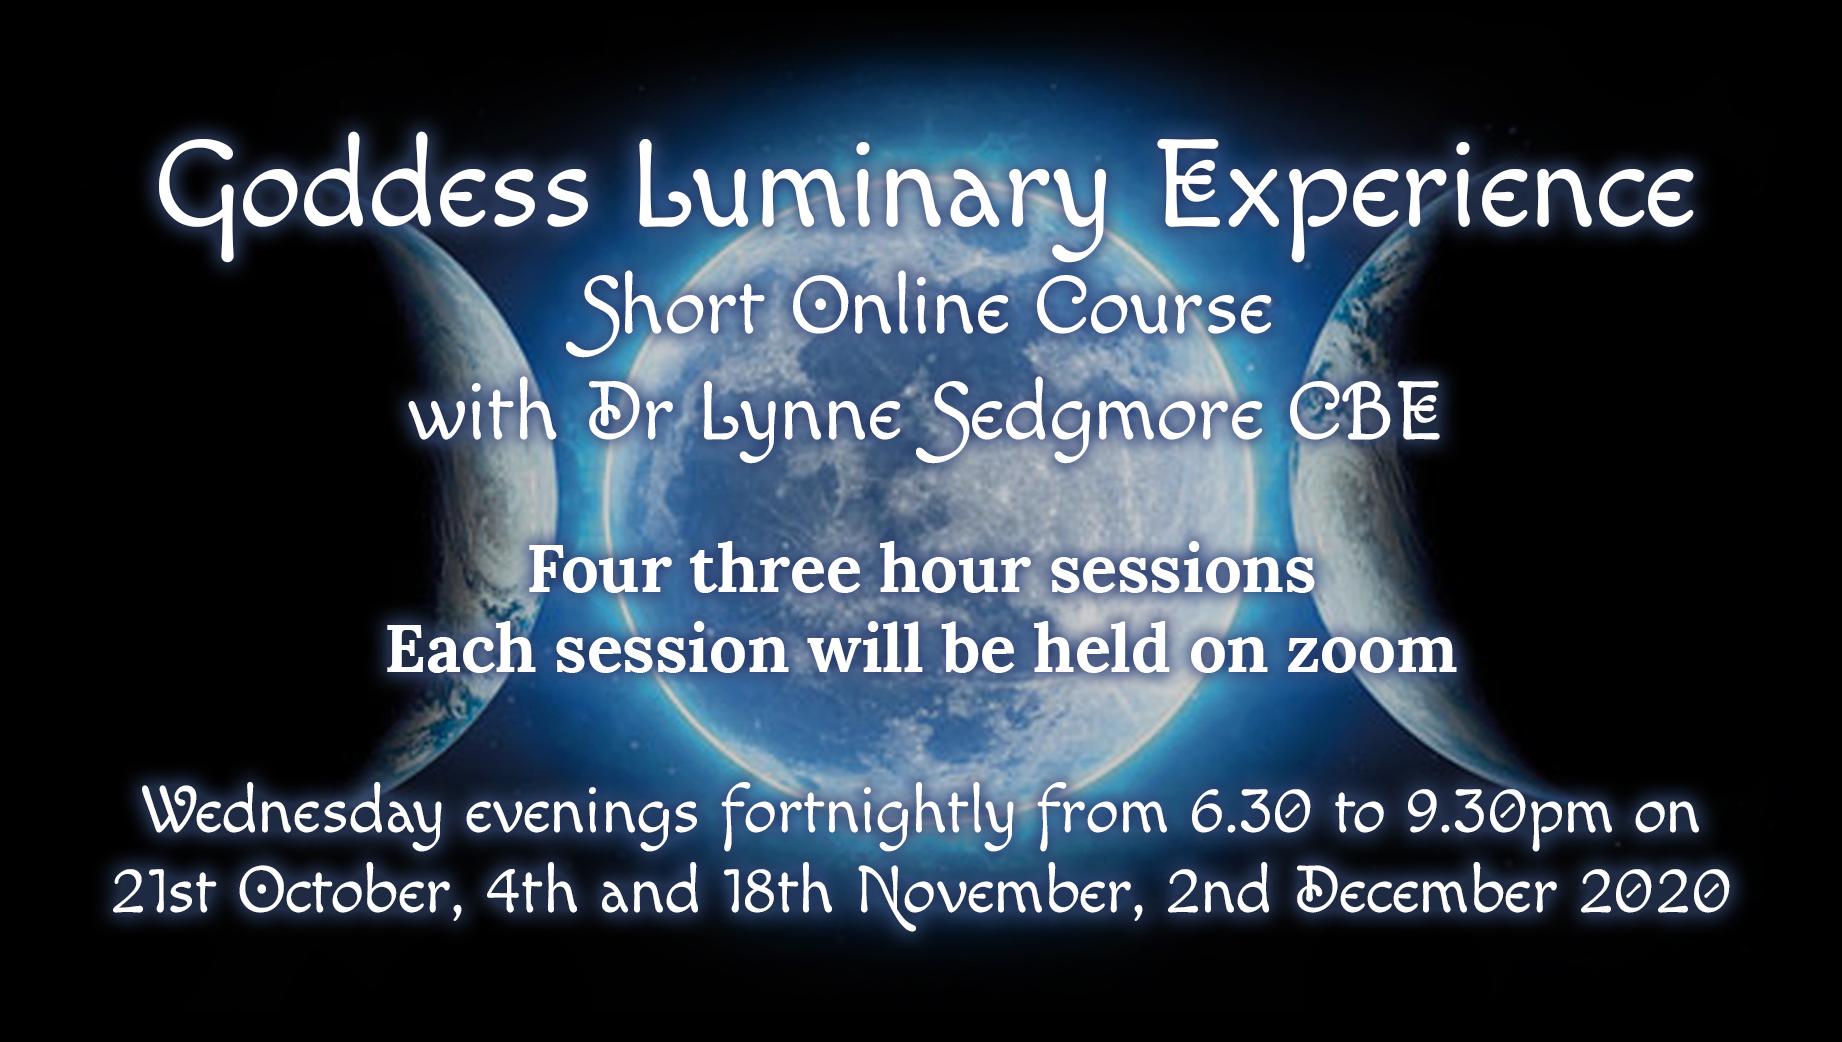 Goddess Luminary Experience